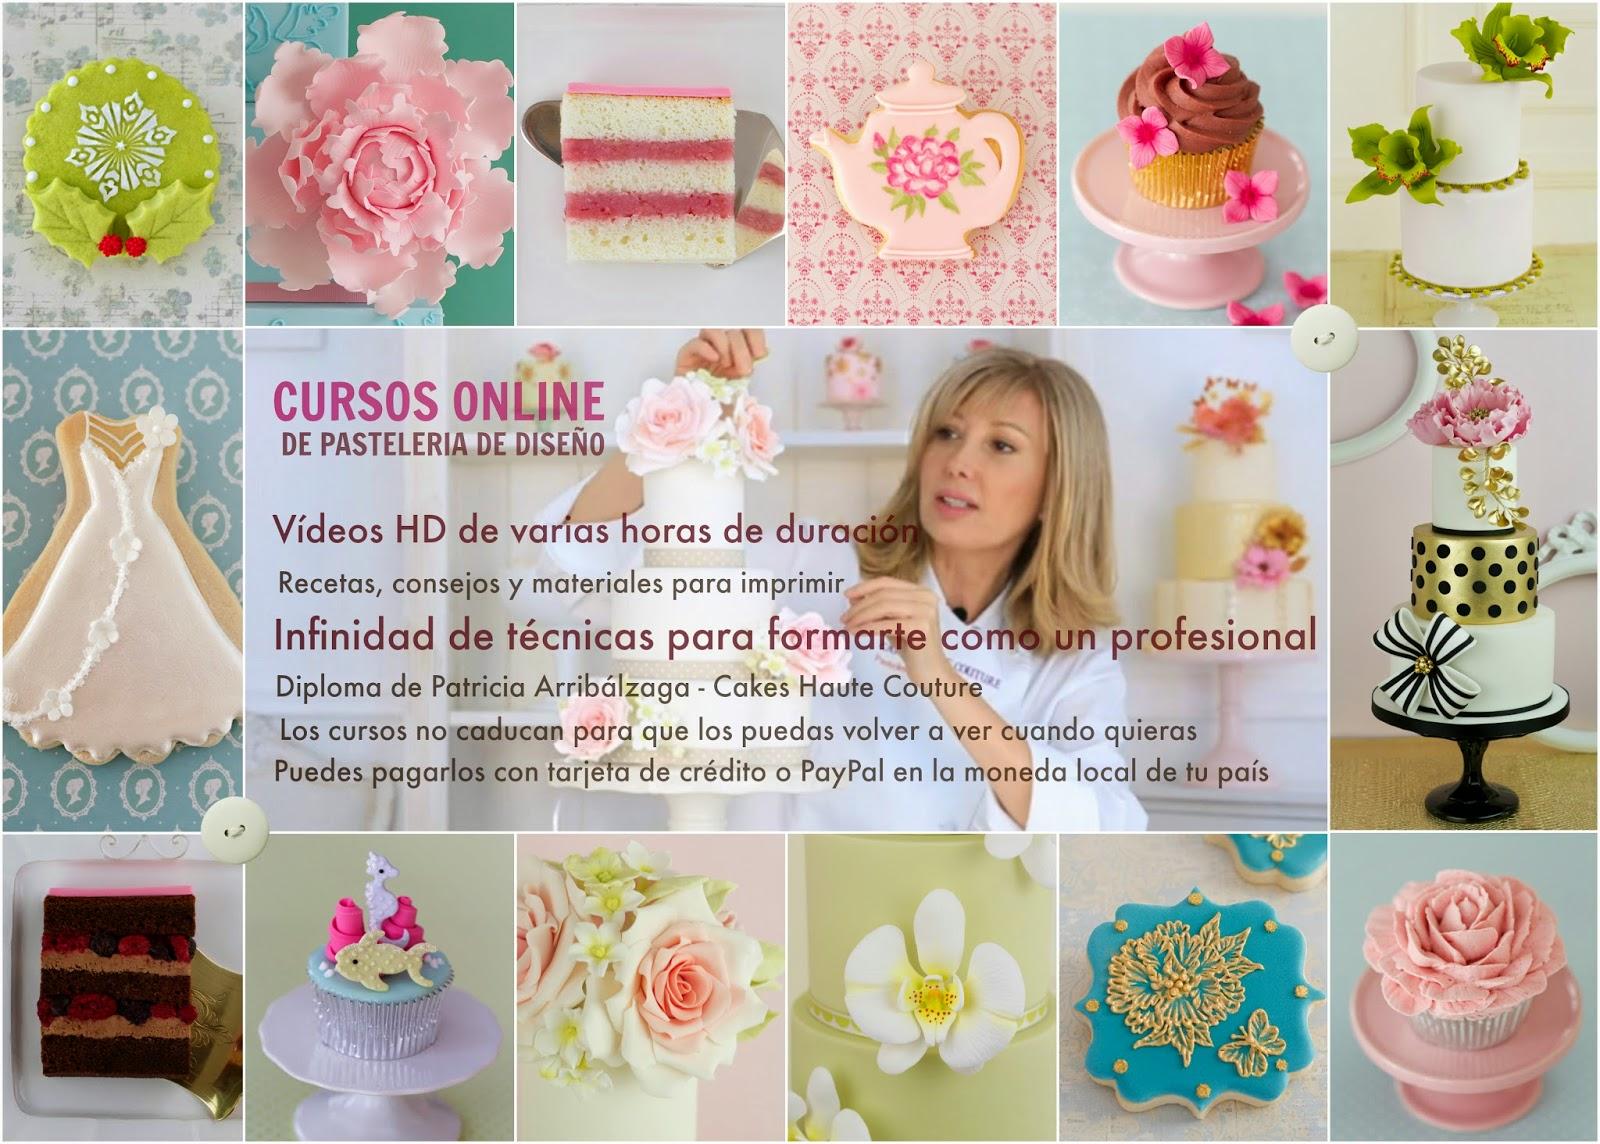 curso fondant, curso cupcakes, curso pastelería, curso galletas decoradas